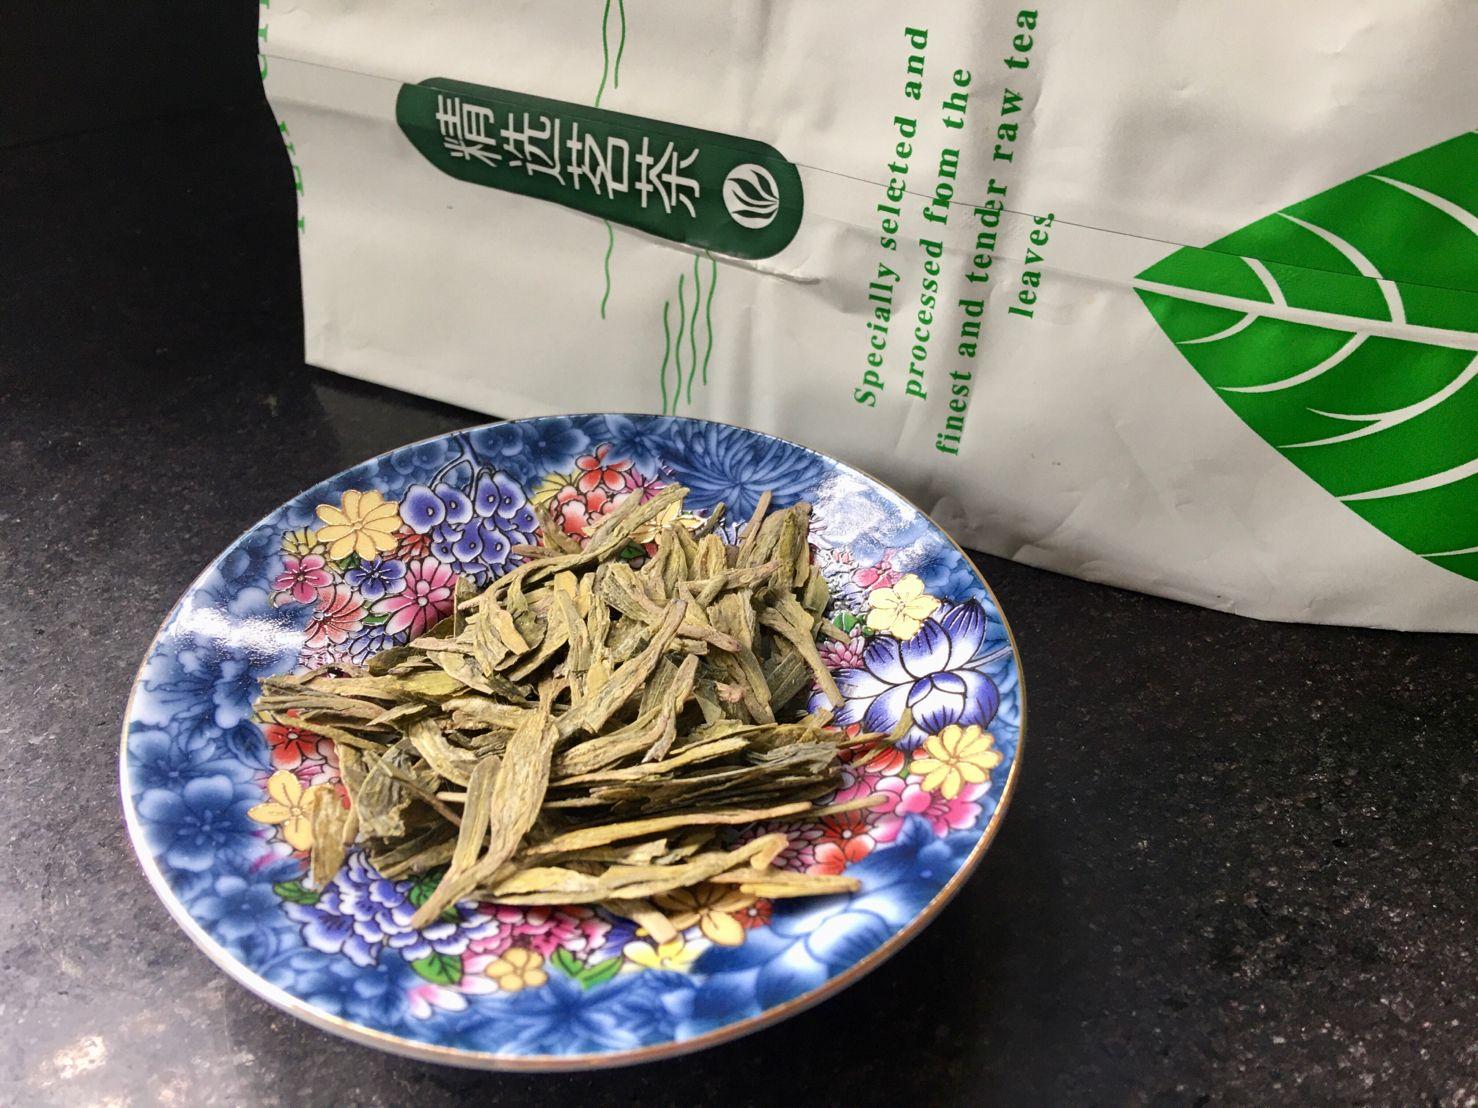 Lóng Jǐng Lǜ Chá, 龙井绿茶, Dragon Well Green Tea